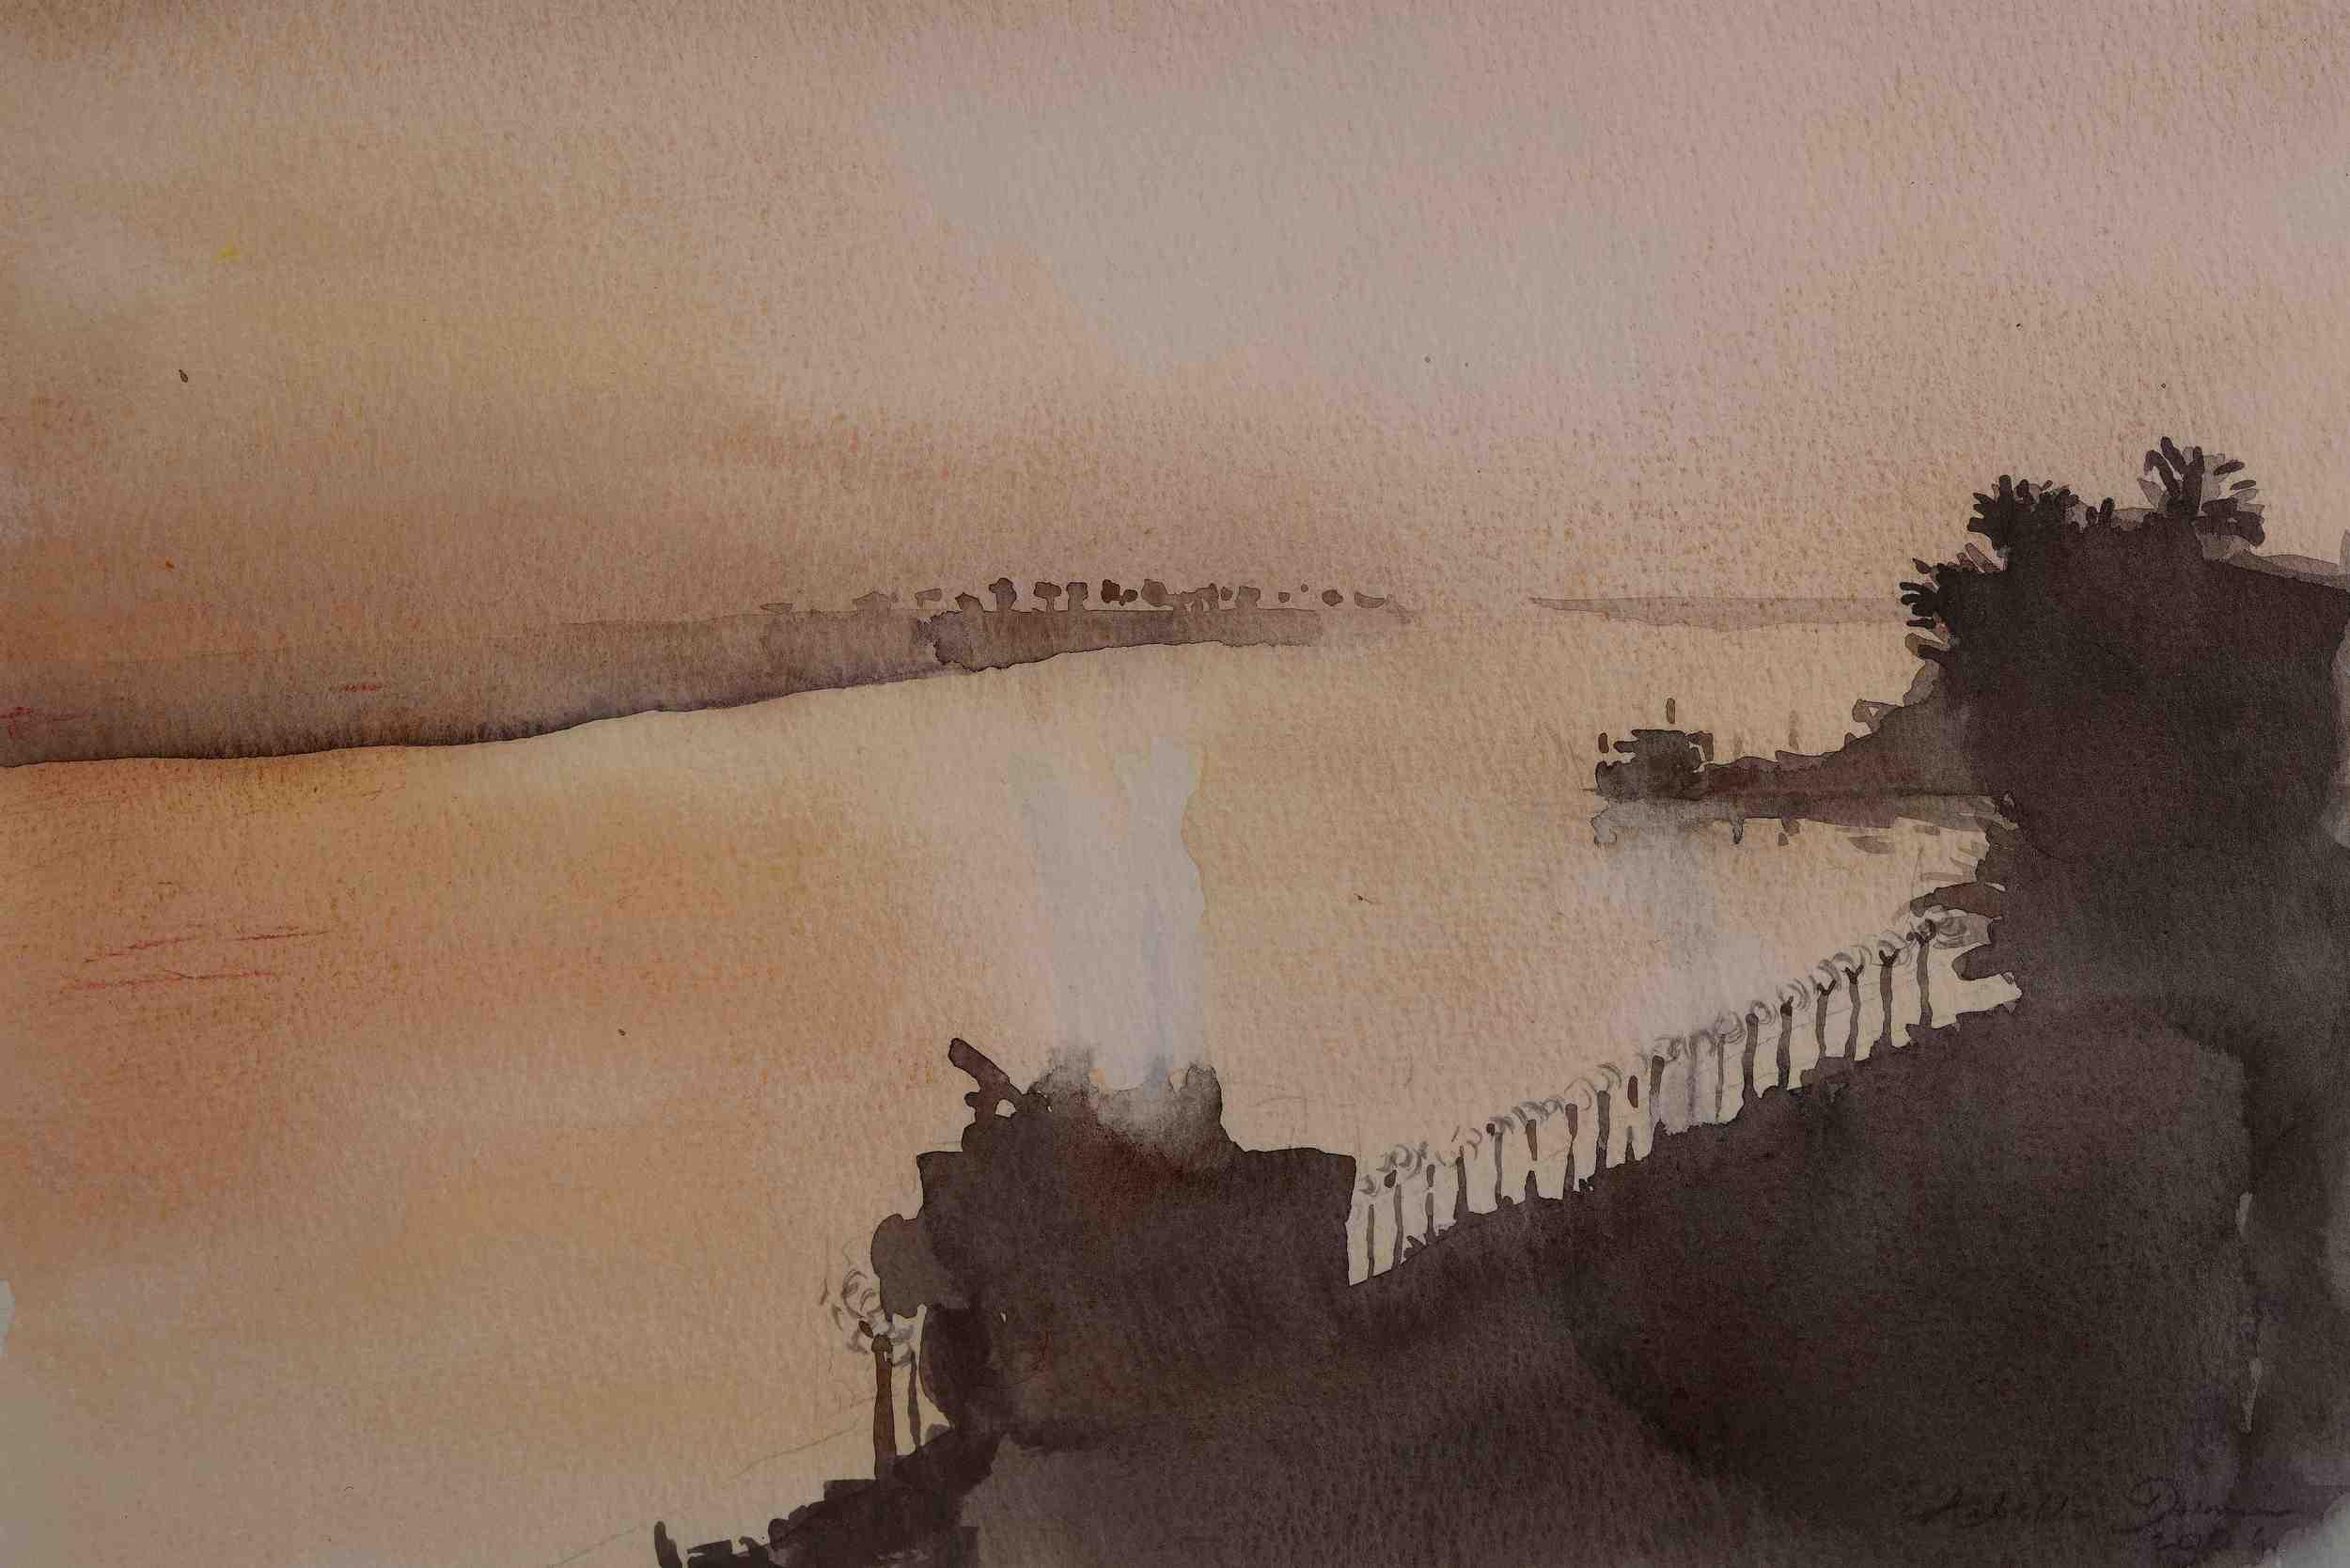 Dawn Rises Over The Shaat-Al-Arab, 2006, Iraq